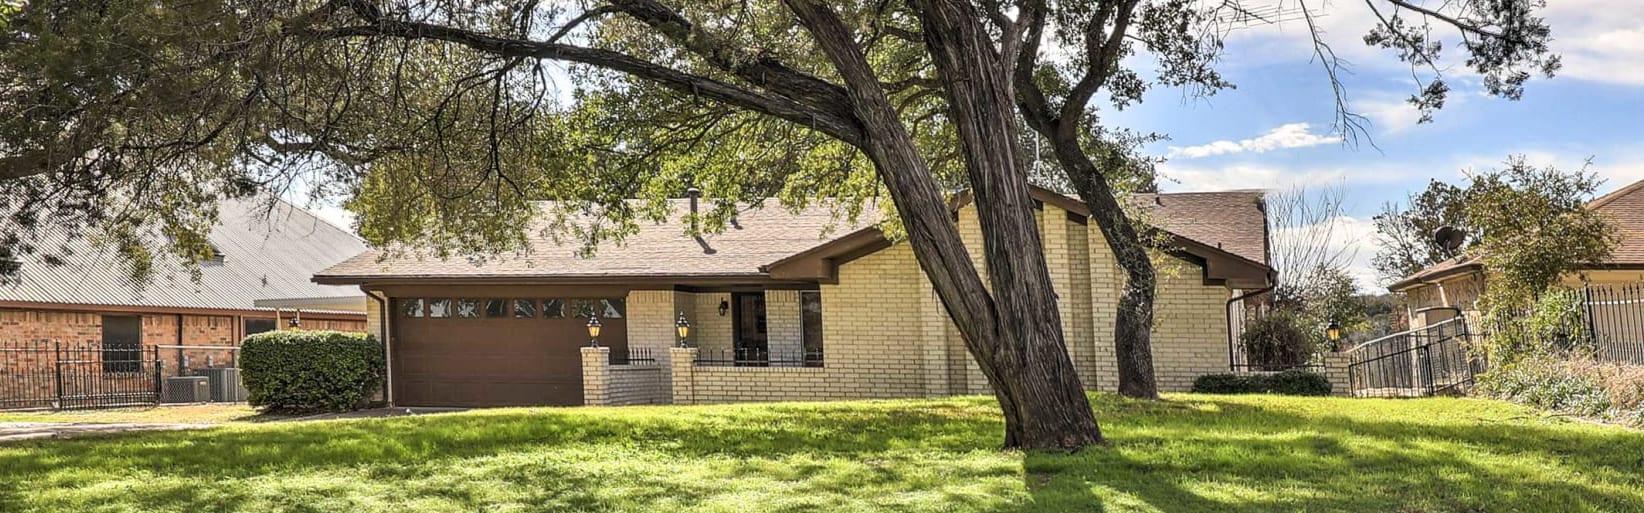 A property in Granbury, TX.